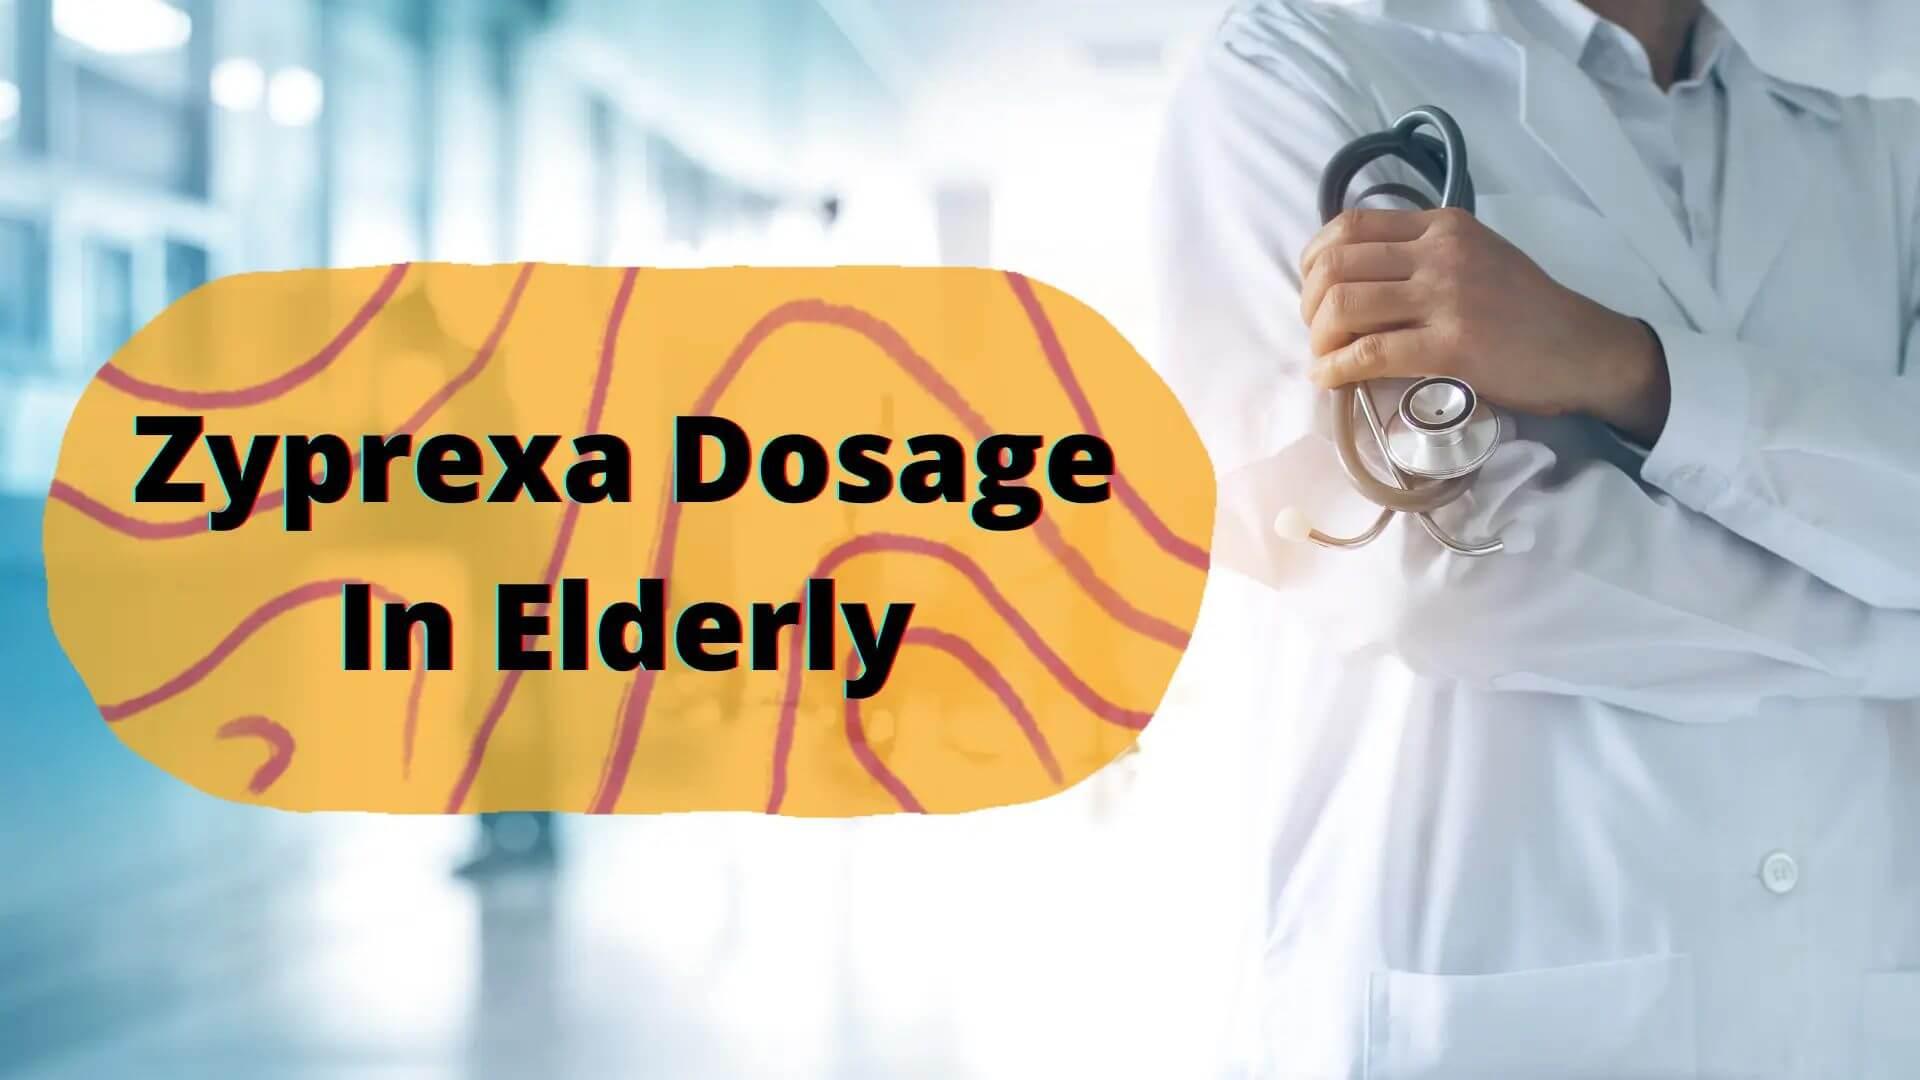 Zyprexa Dosage In Elderly